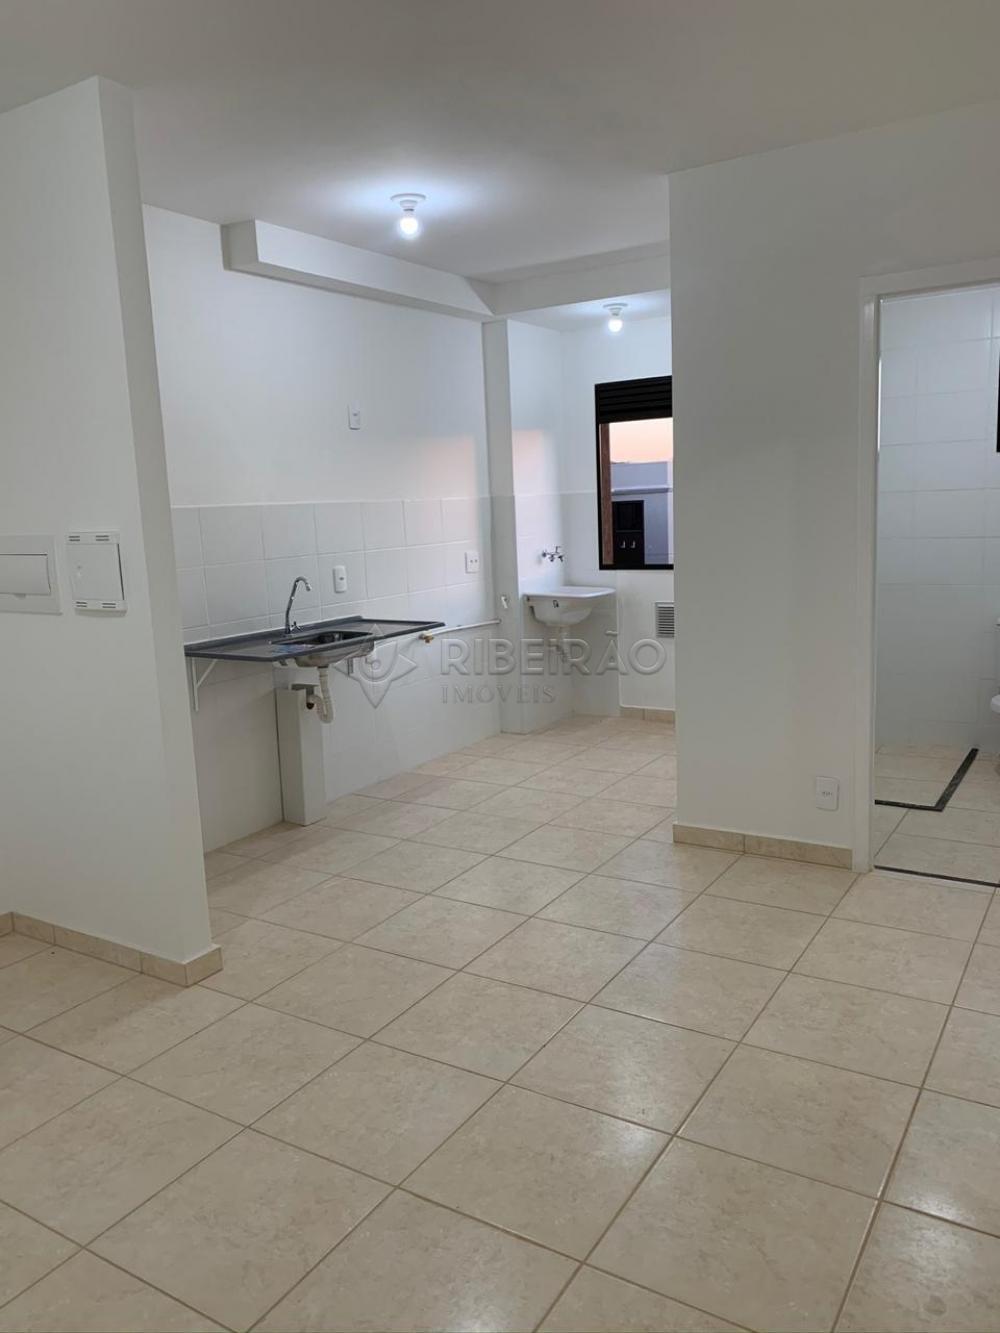 Alugar Apartamento / Padrão em Bonfim Paulista apenas R$ 600,00 - Foto 5